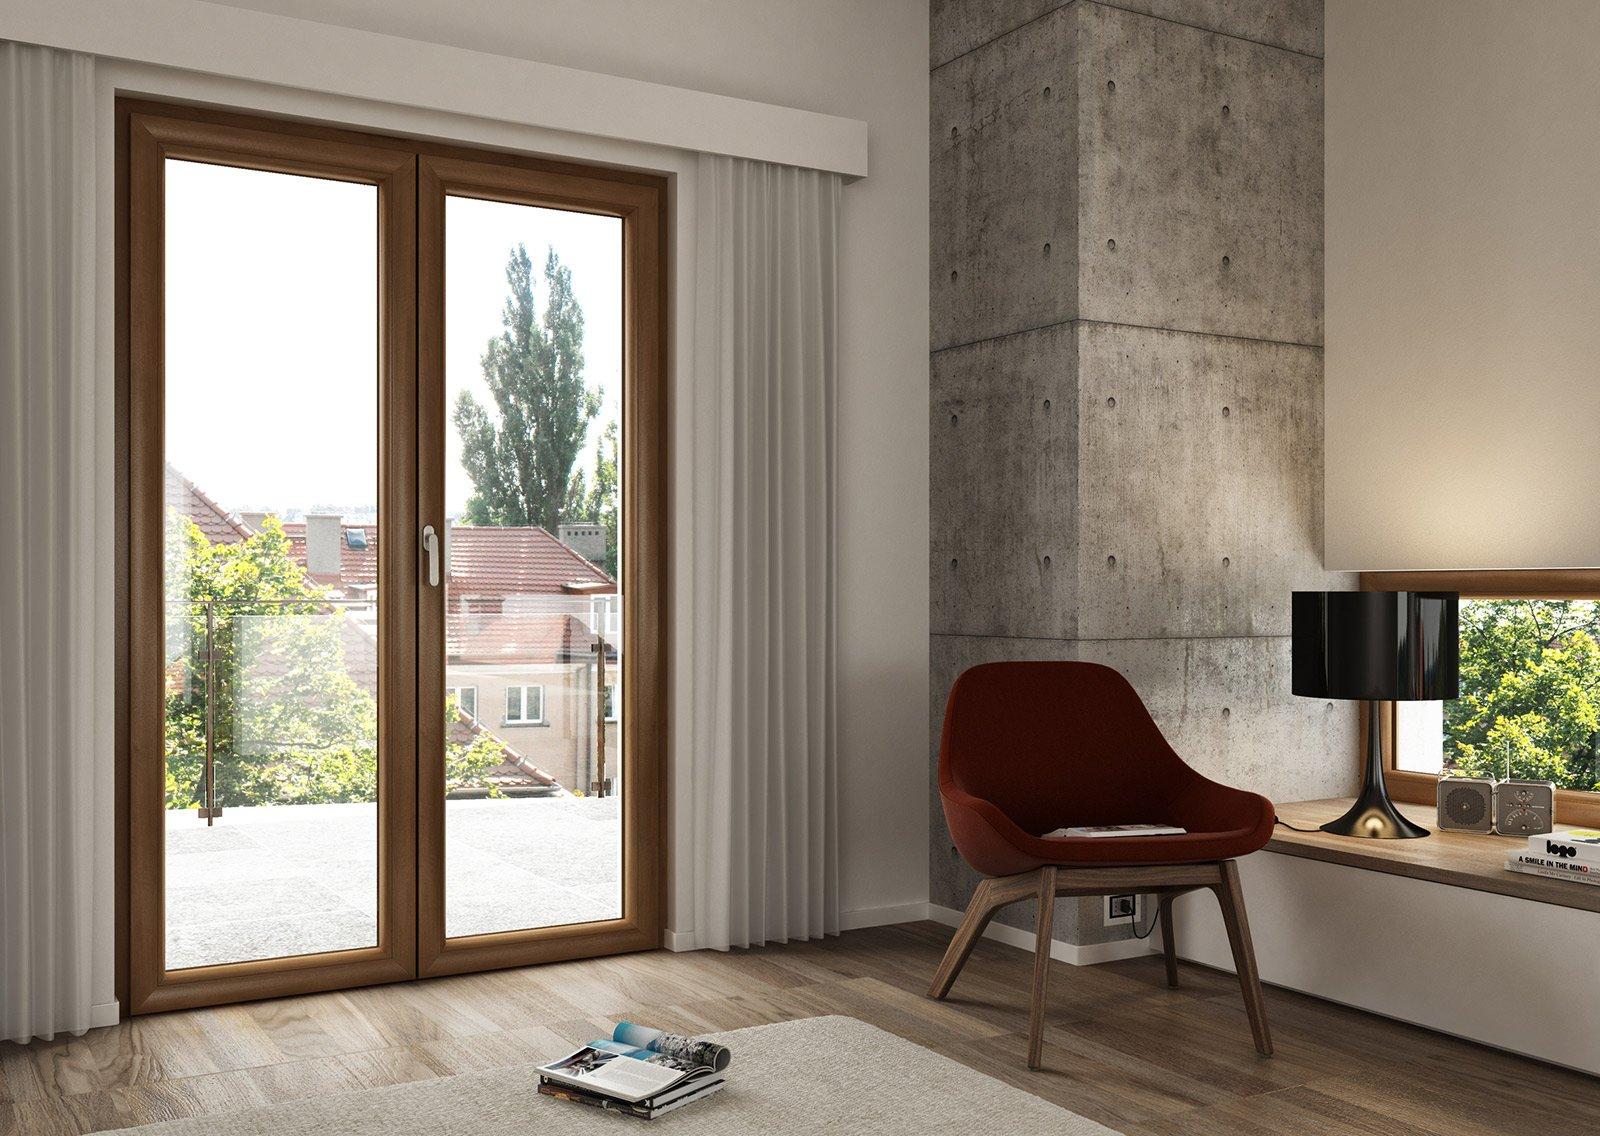 65 di sconto fiscale per le nuove finestre cose di casa - Finestre moderne ...